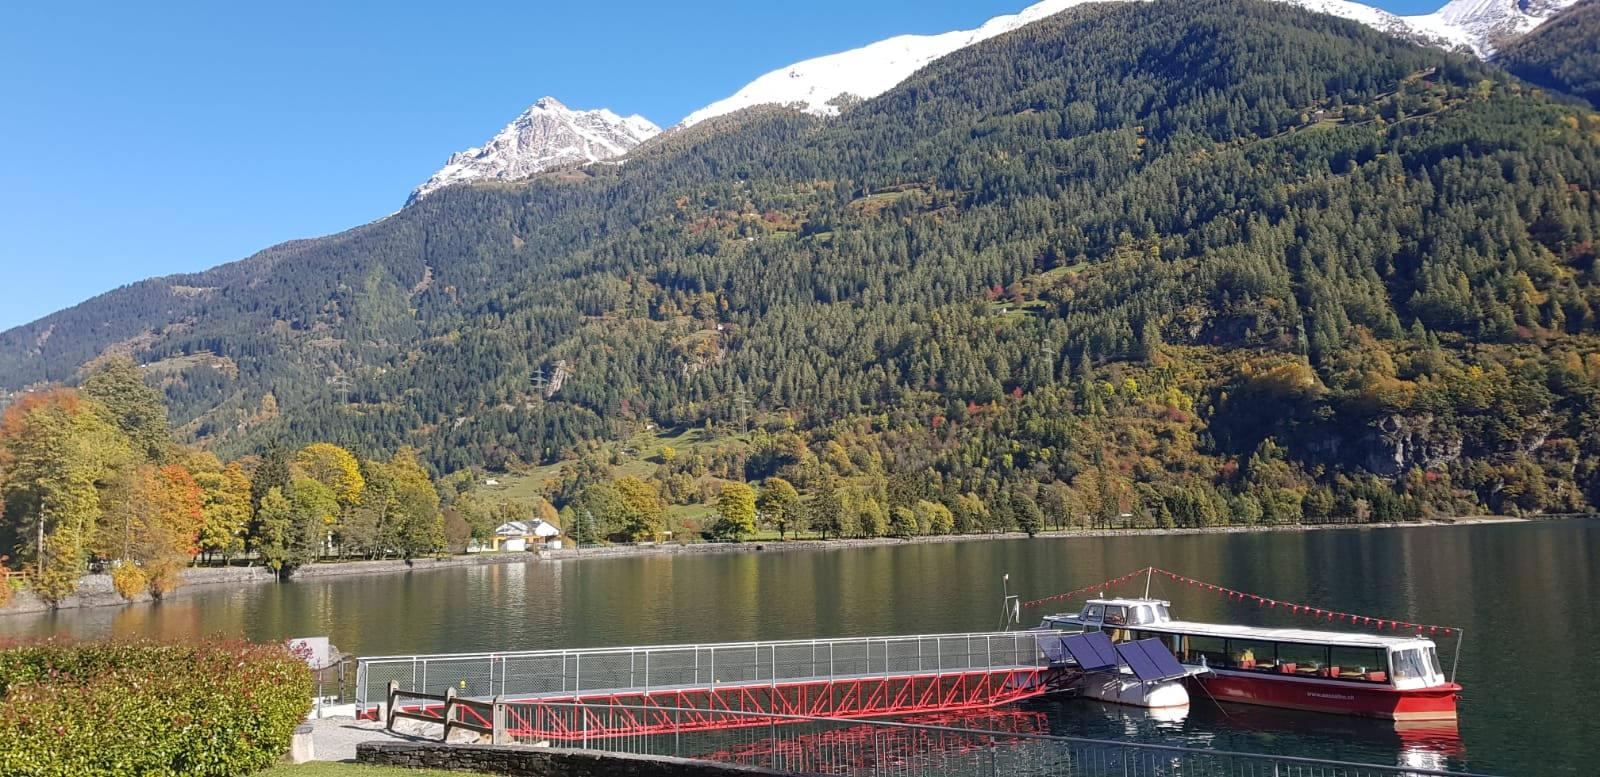 Paisajes desde el tren Bernina Express